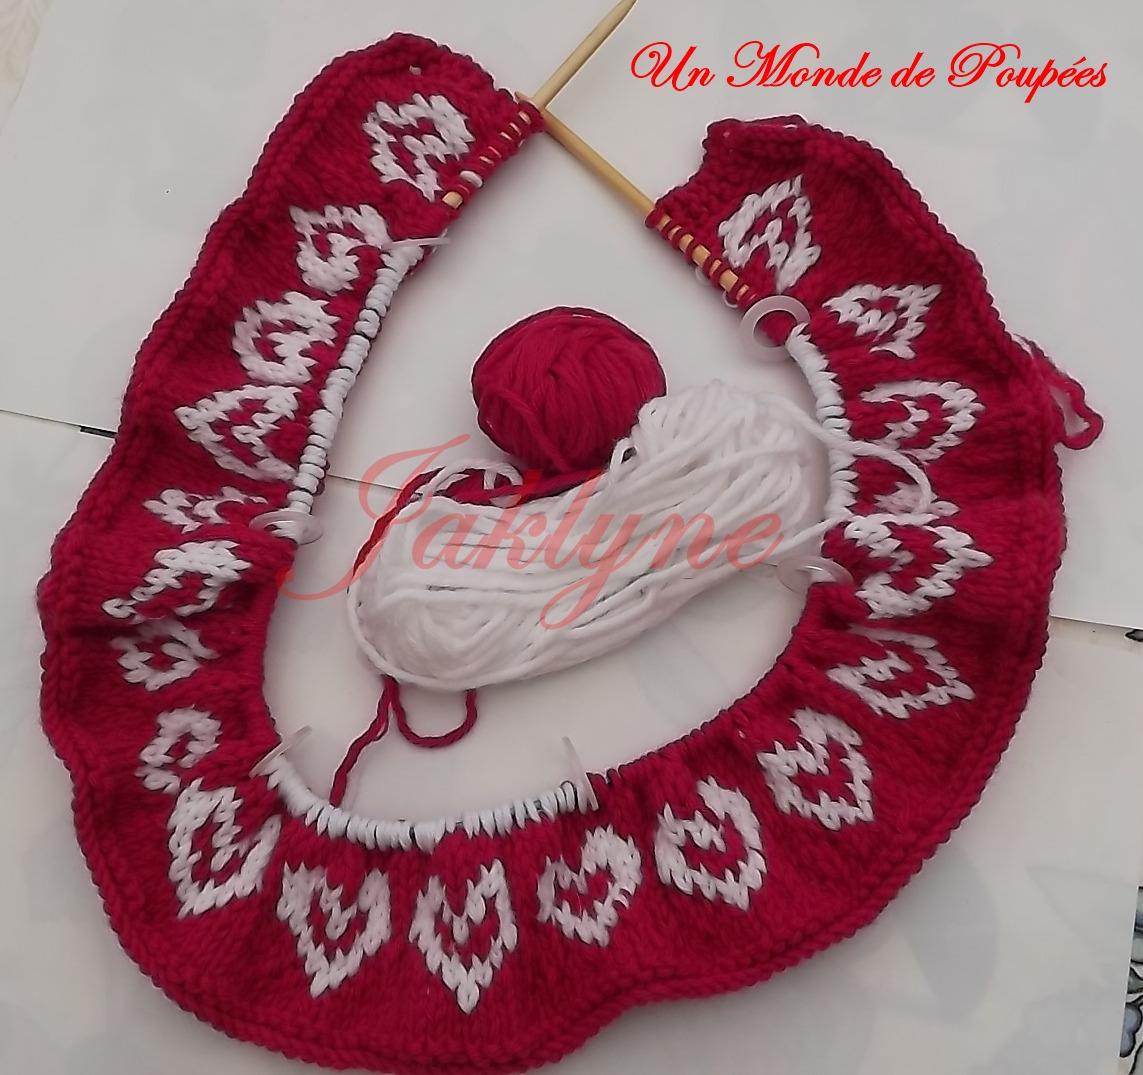 2) suite couverture laine